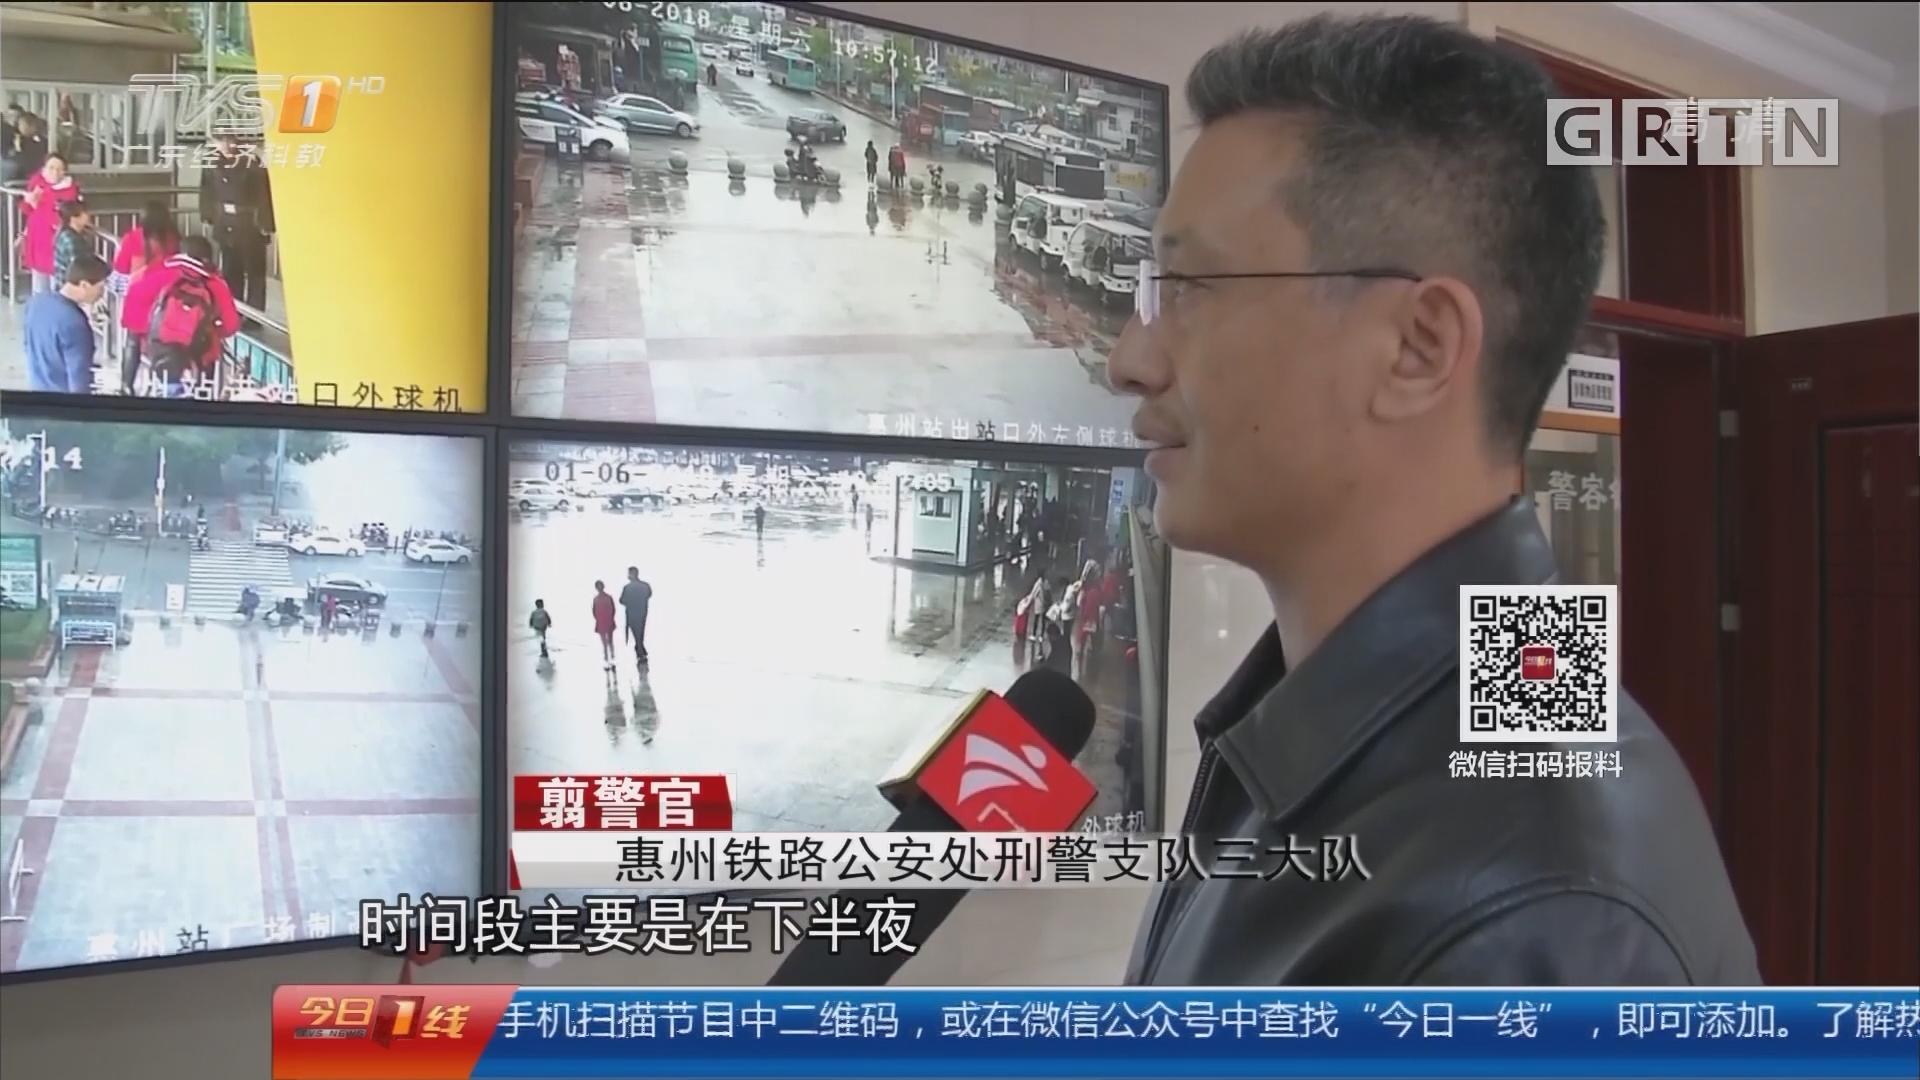 惠州:小偷欲发春运财 包藏刀片被抓